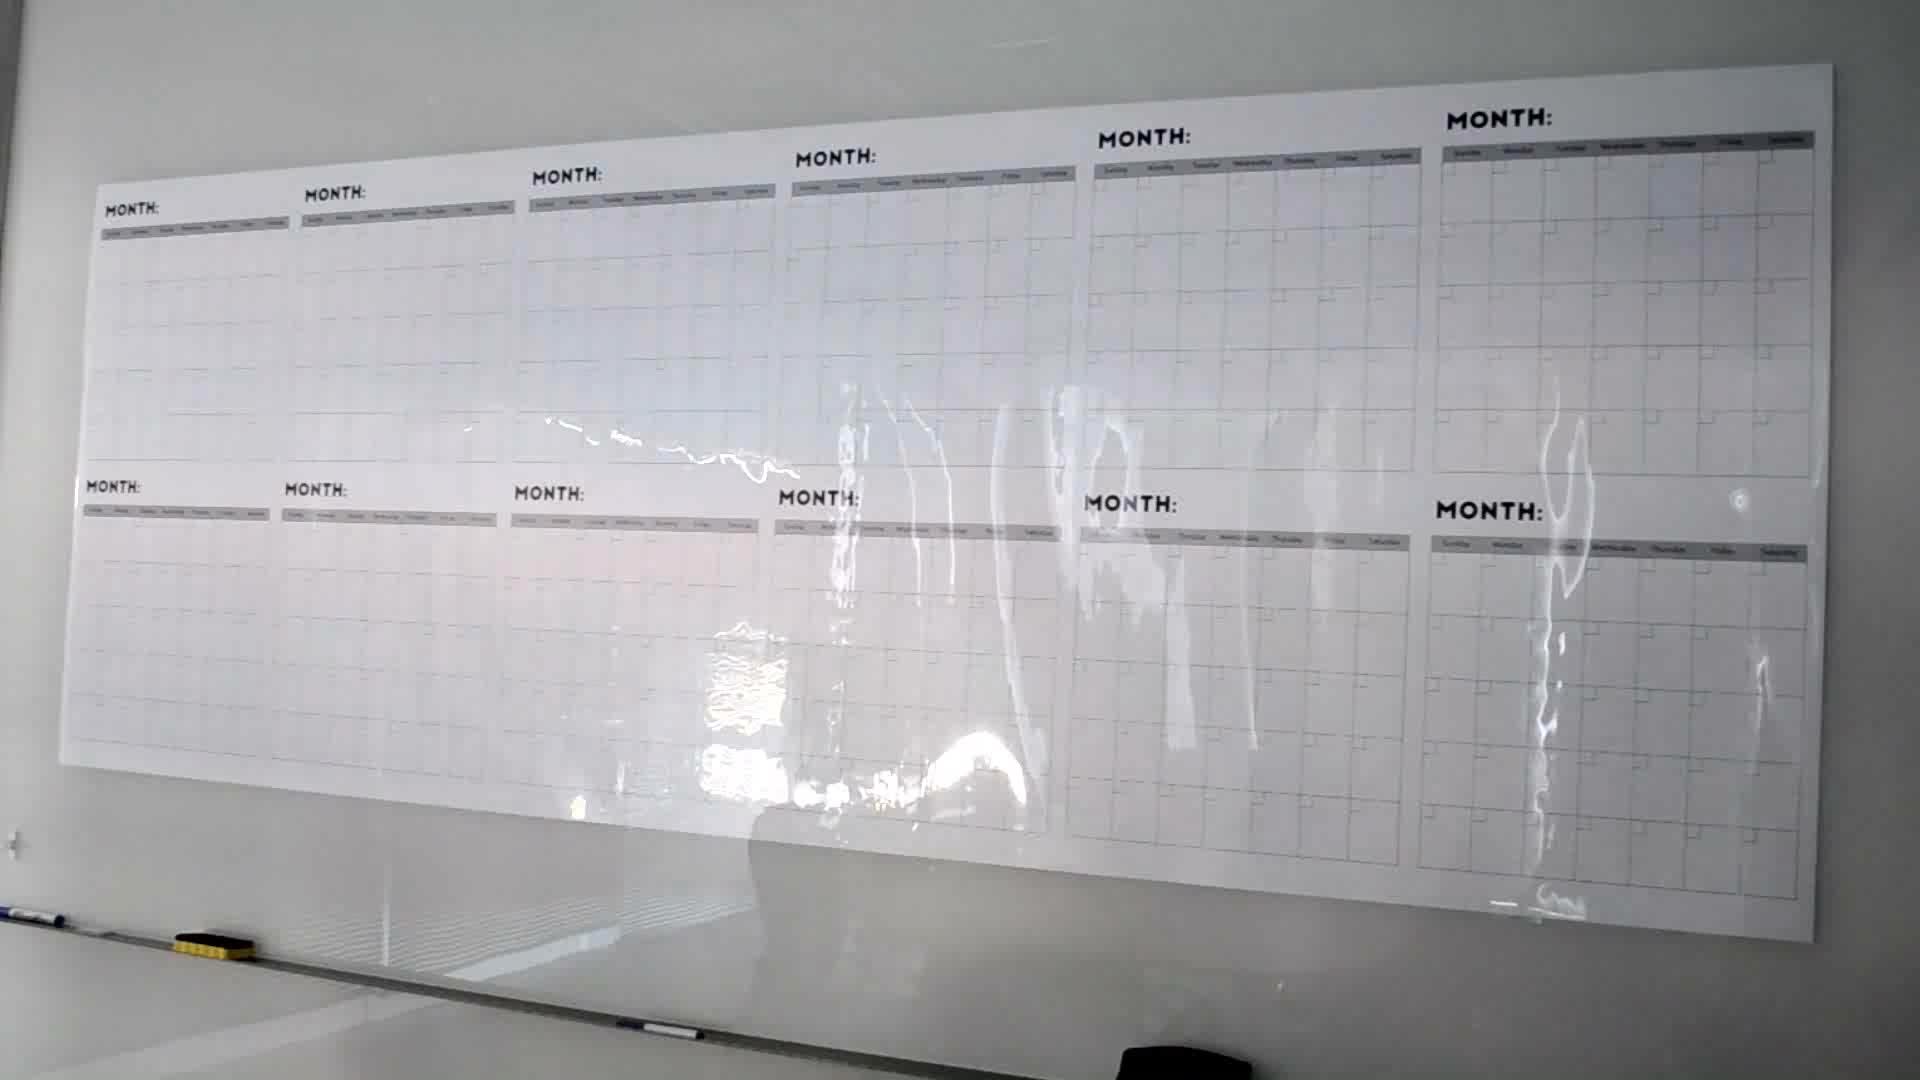 Kalender Dinding 365 Tahun Kalender Kering Premium Cetak Kalender Dinding Tahunan 2020 013-01-3B1